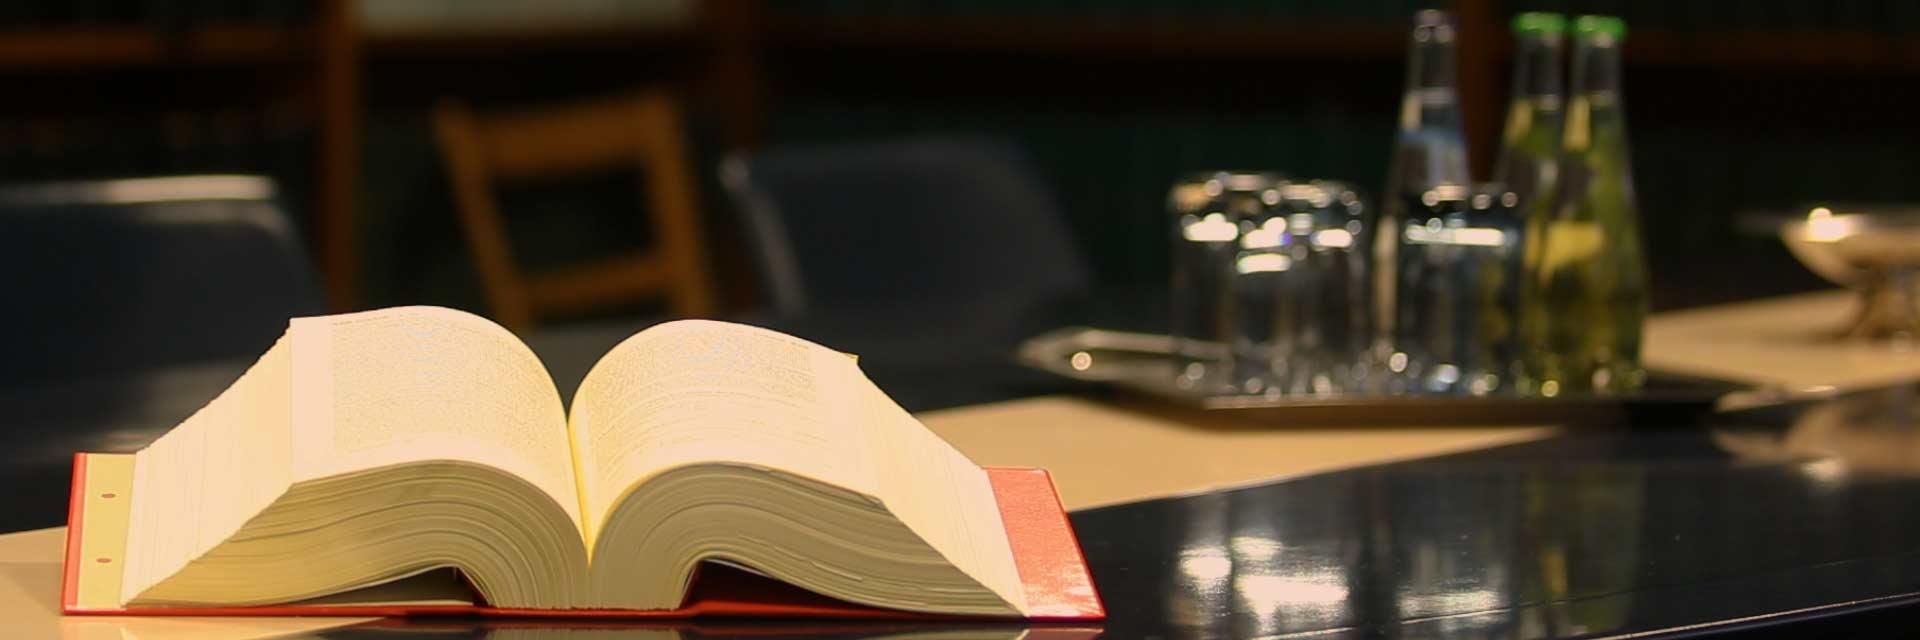 Foto von kessler∂ner mit einem Gesetzbuch zum Thema Fachgebiete